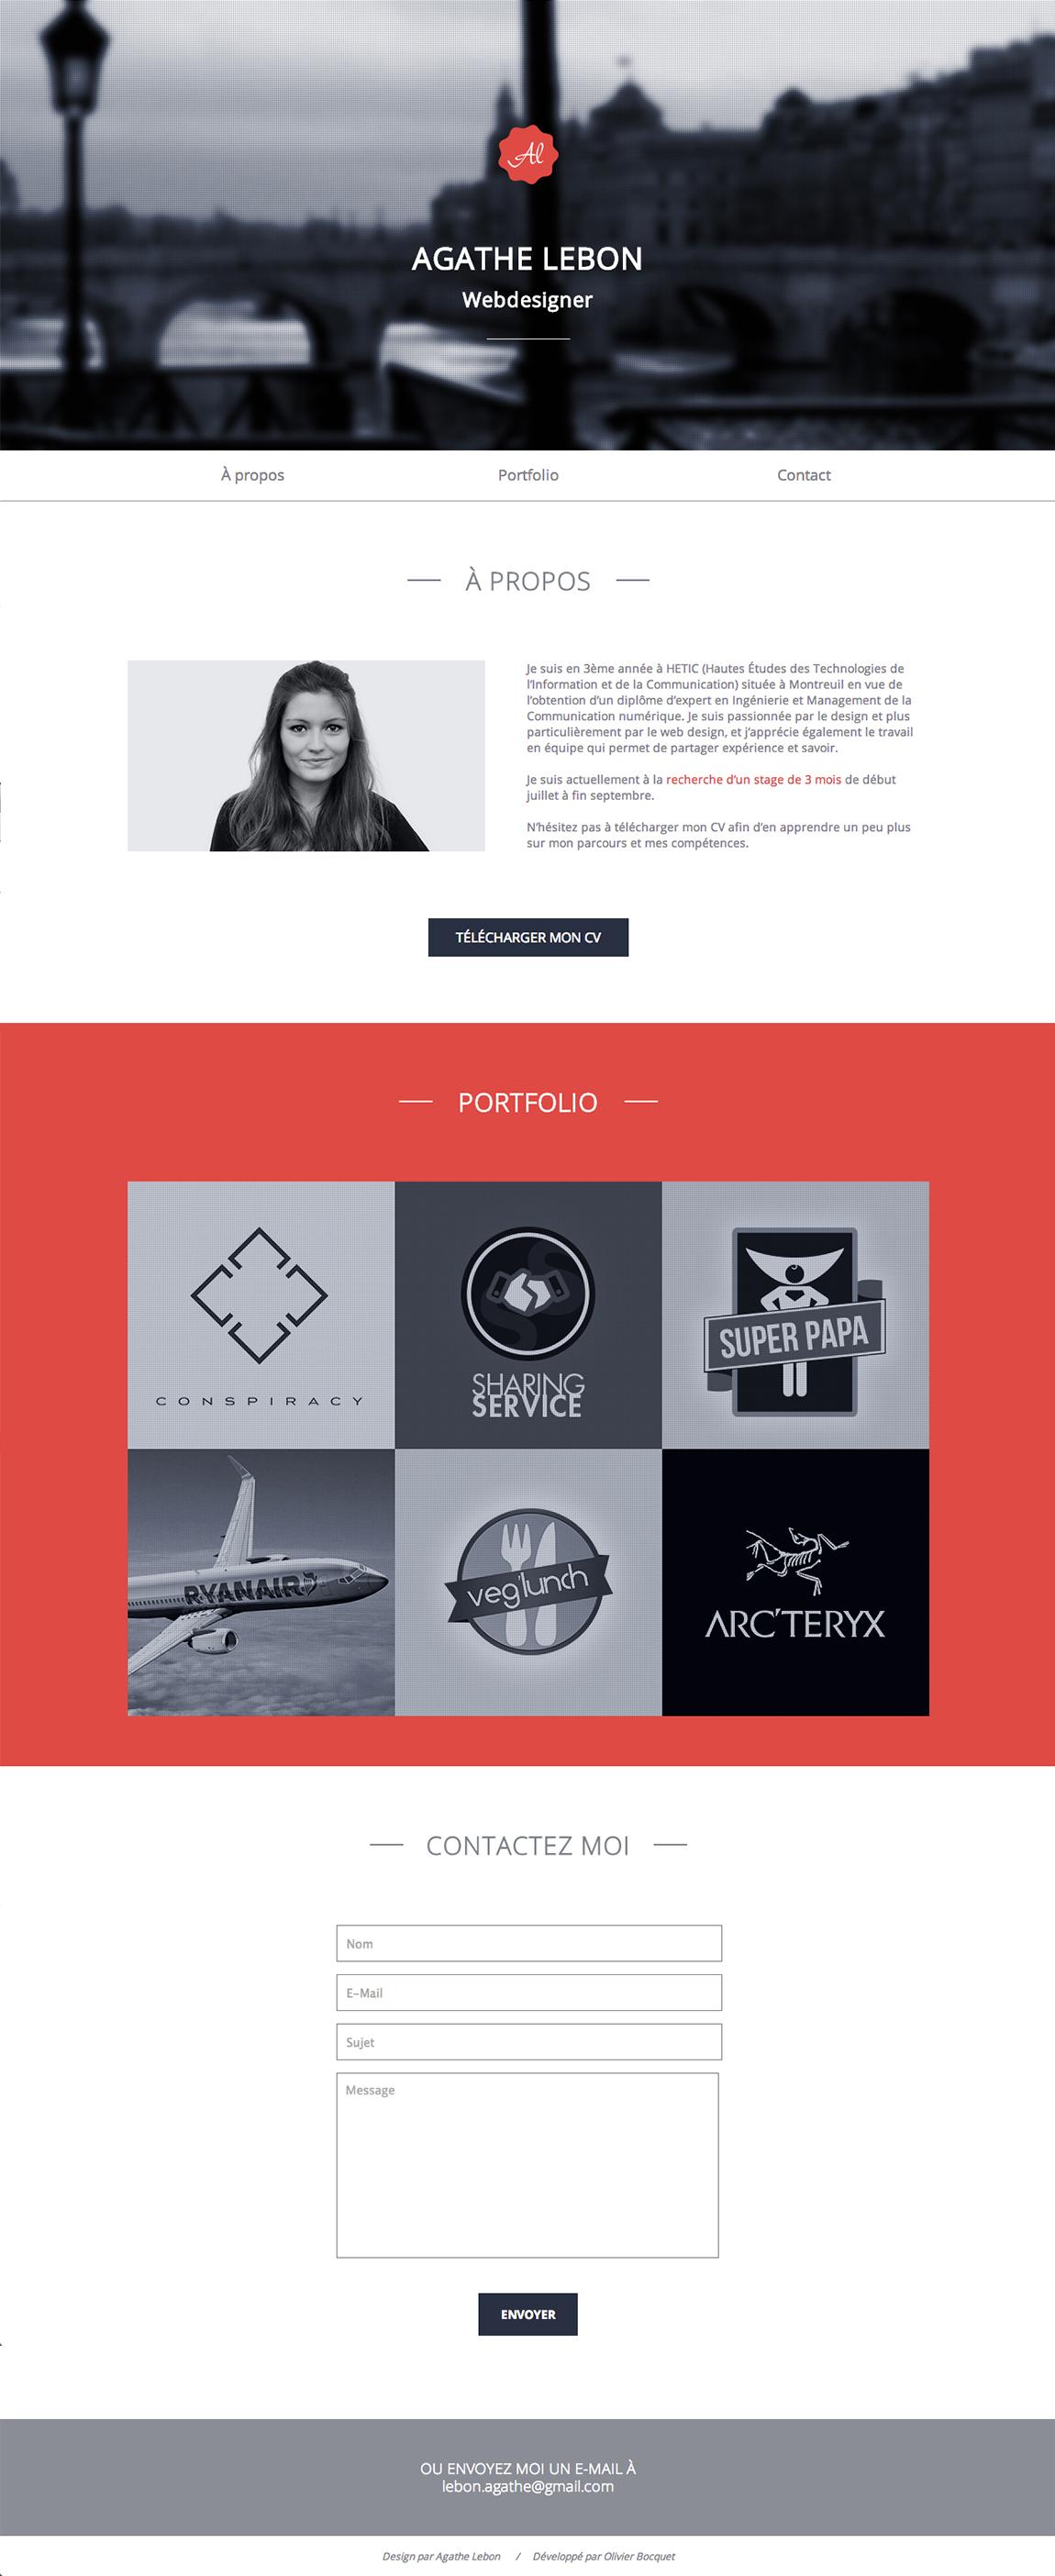 Agathe Lebon Website Screenshot